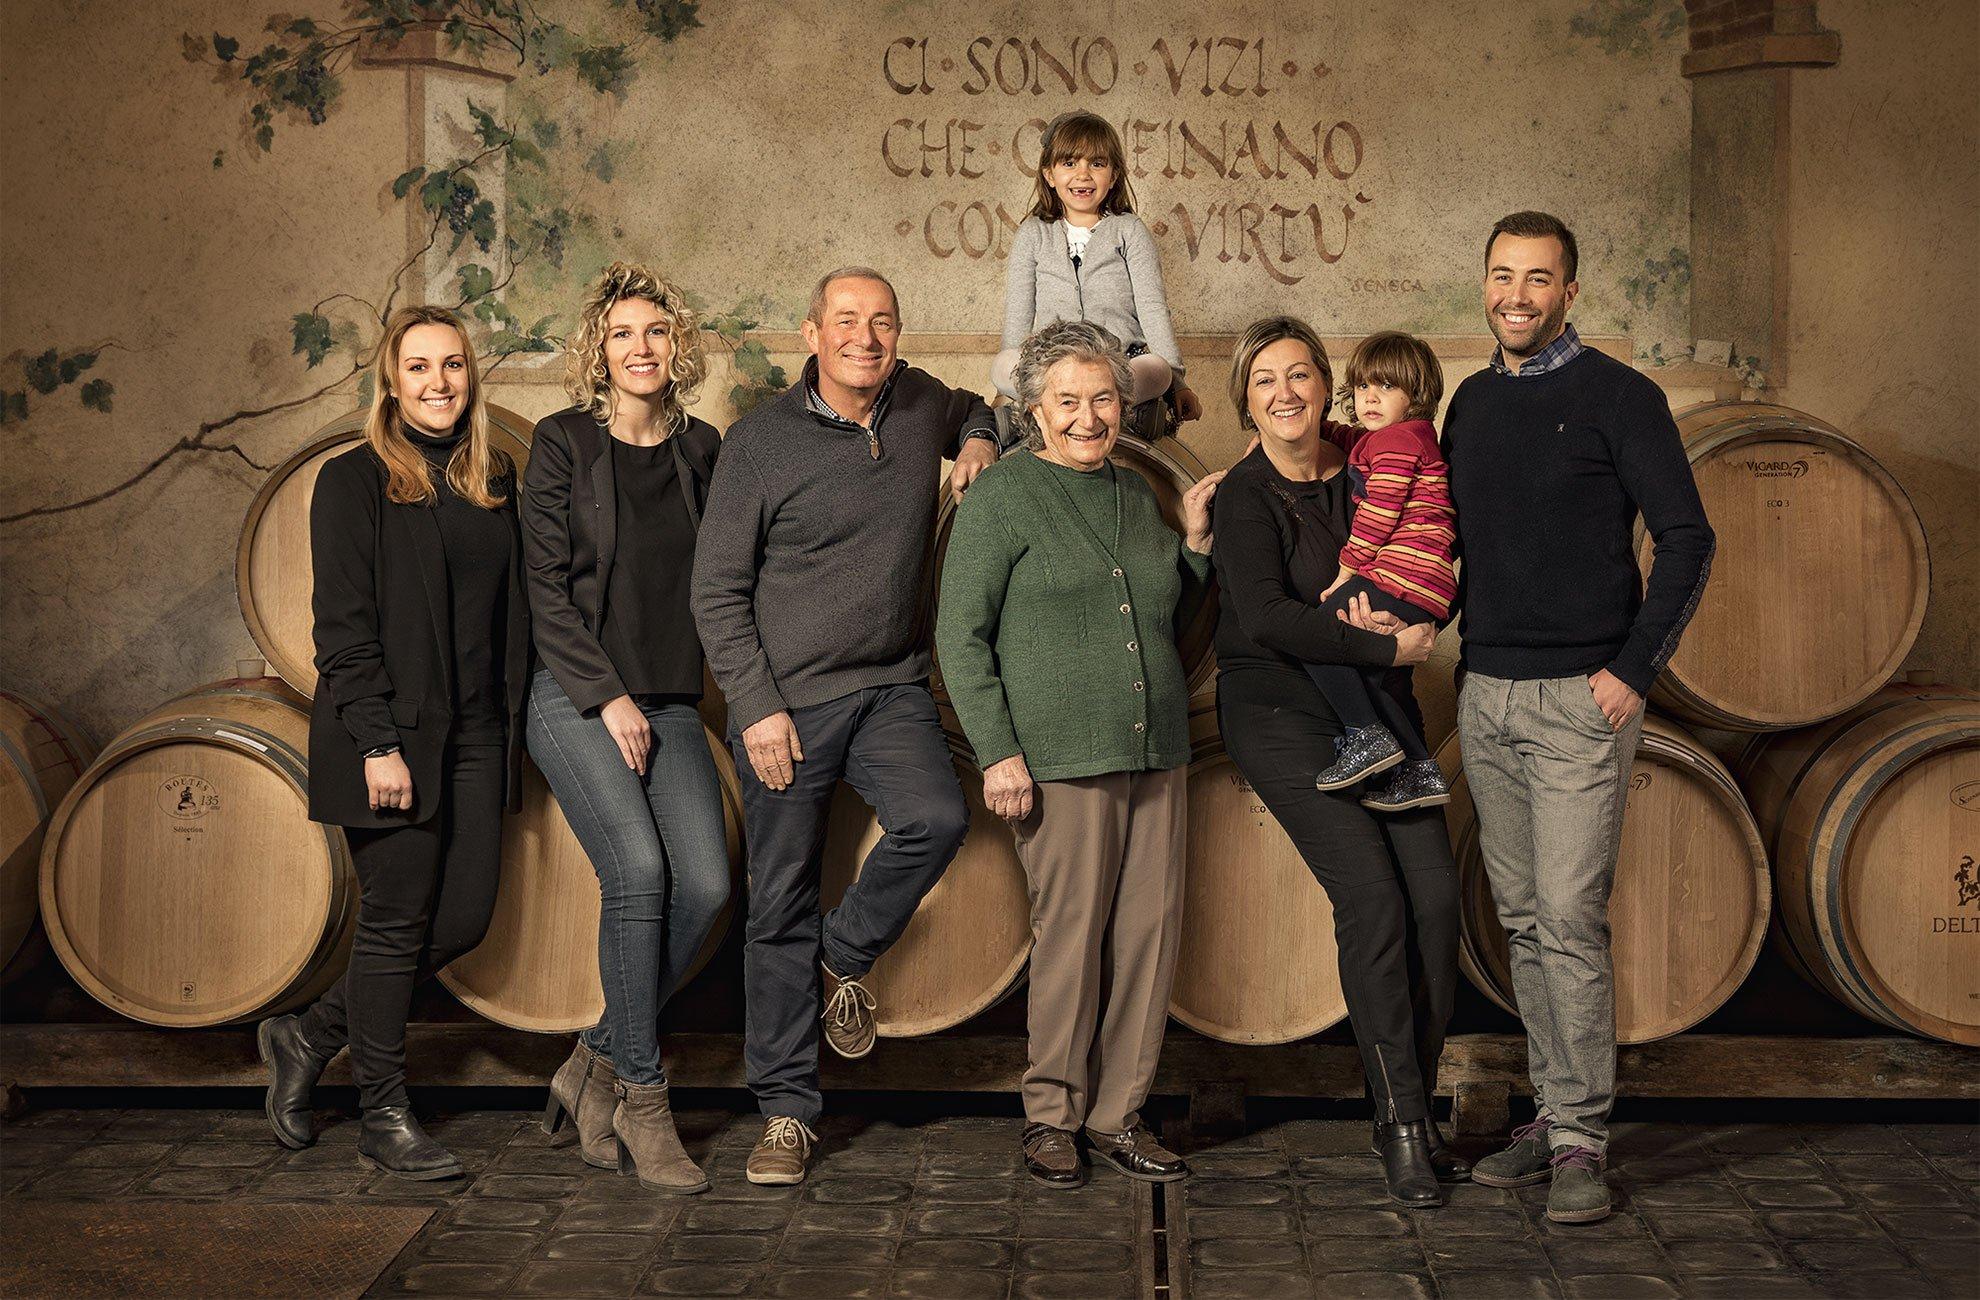 Una grande tradizione vitivinicola con lo sguardo rivolto al futuro